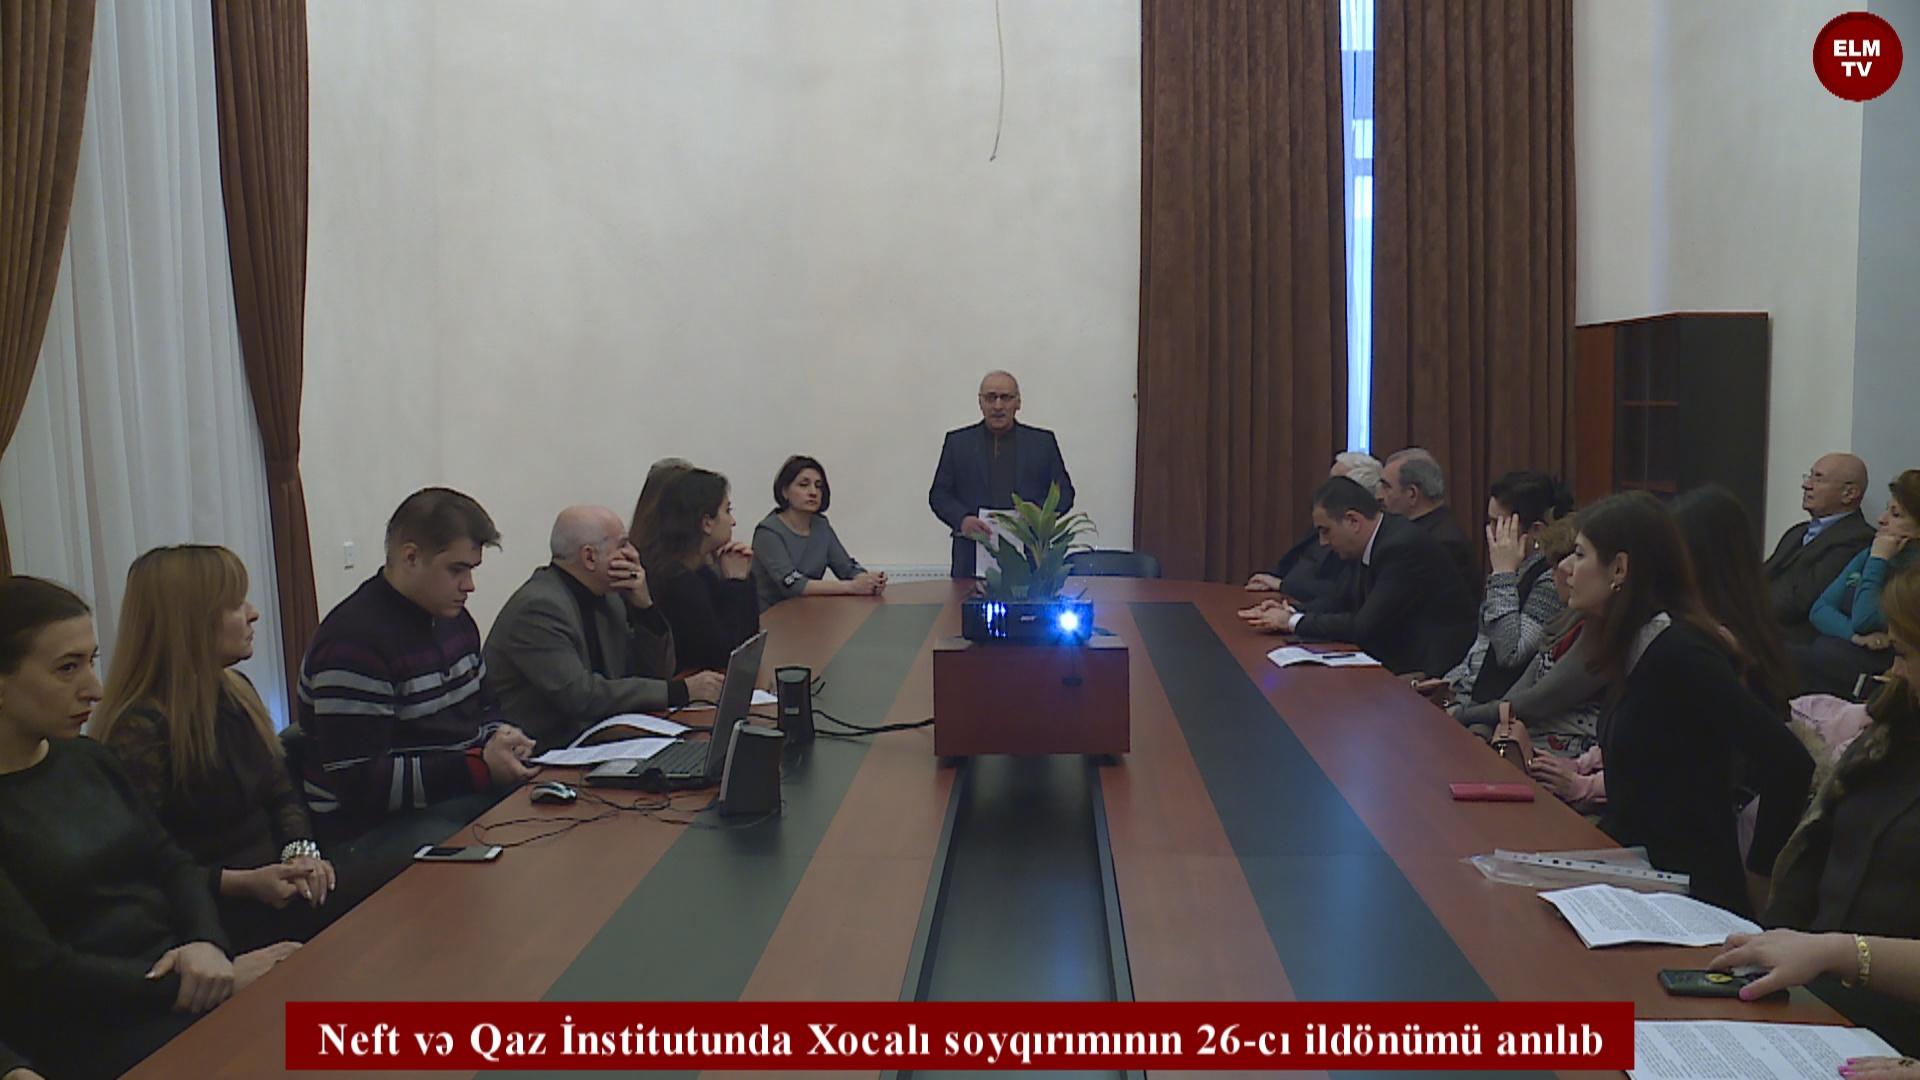 Neft və Qaz İnstitutunda Xocalı soyqırımının 26-cı ildönümü anılıb